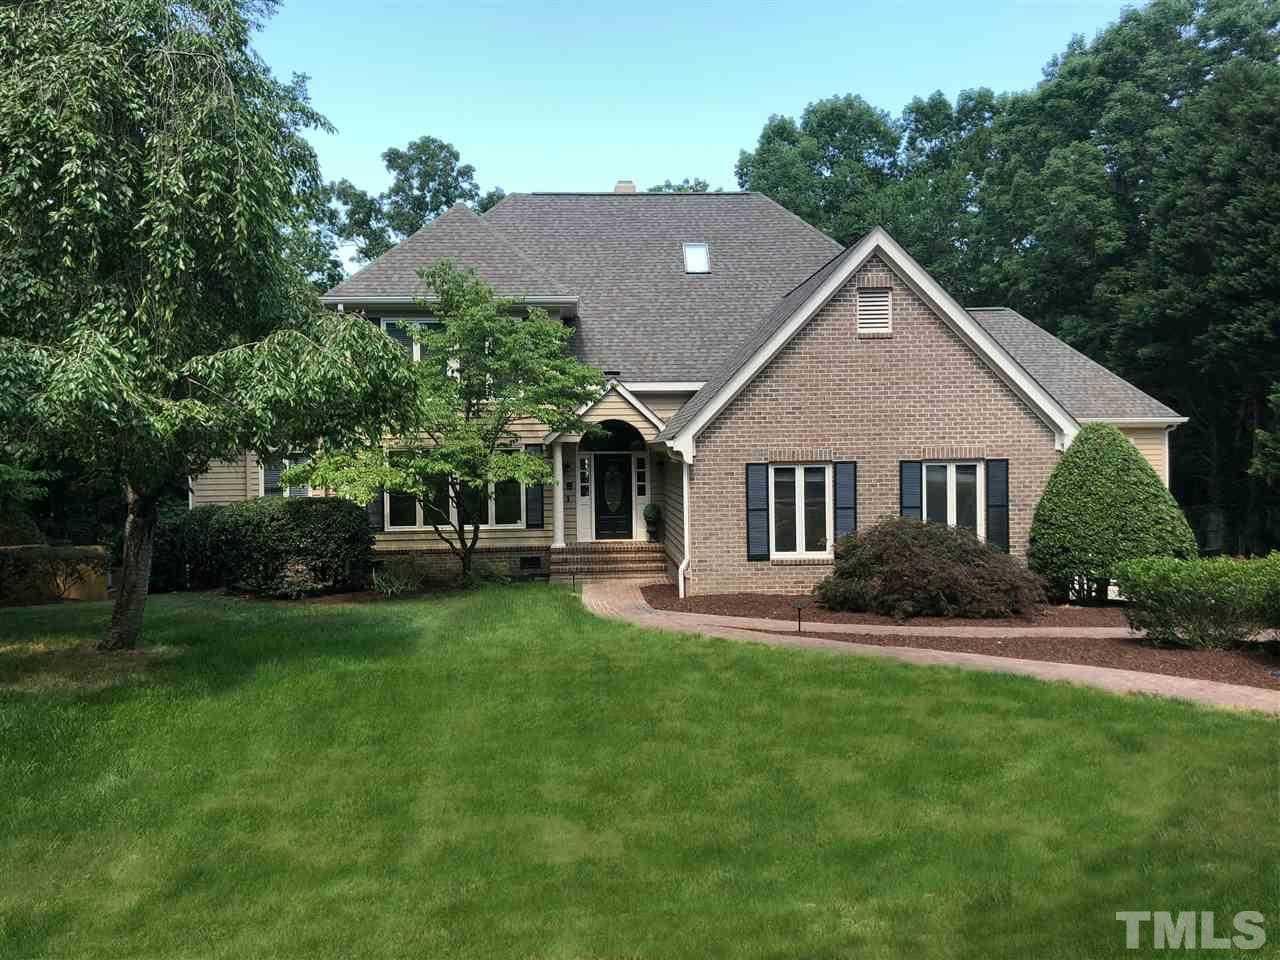 $1,149,000 - 5Br/5Ba -  for Sale in The Oaks, Chapel Hill